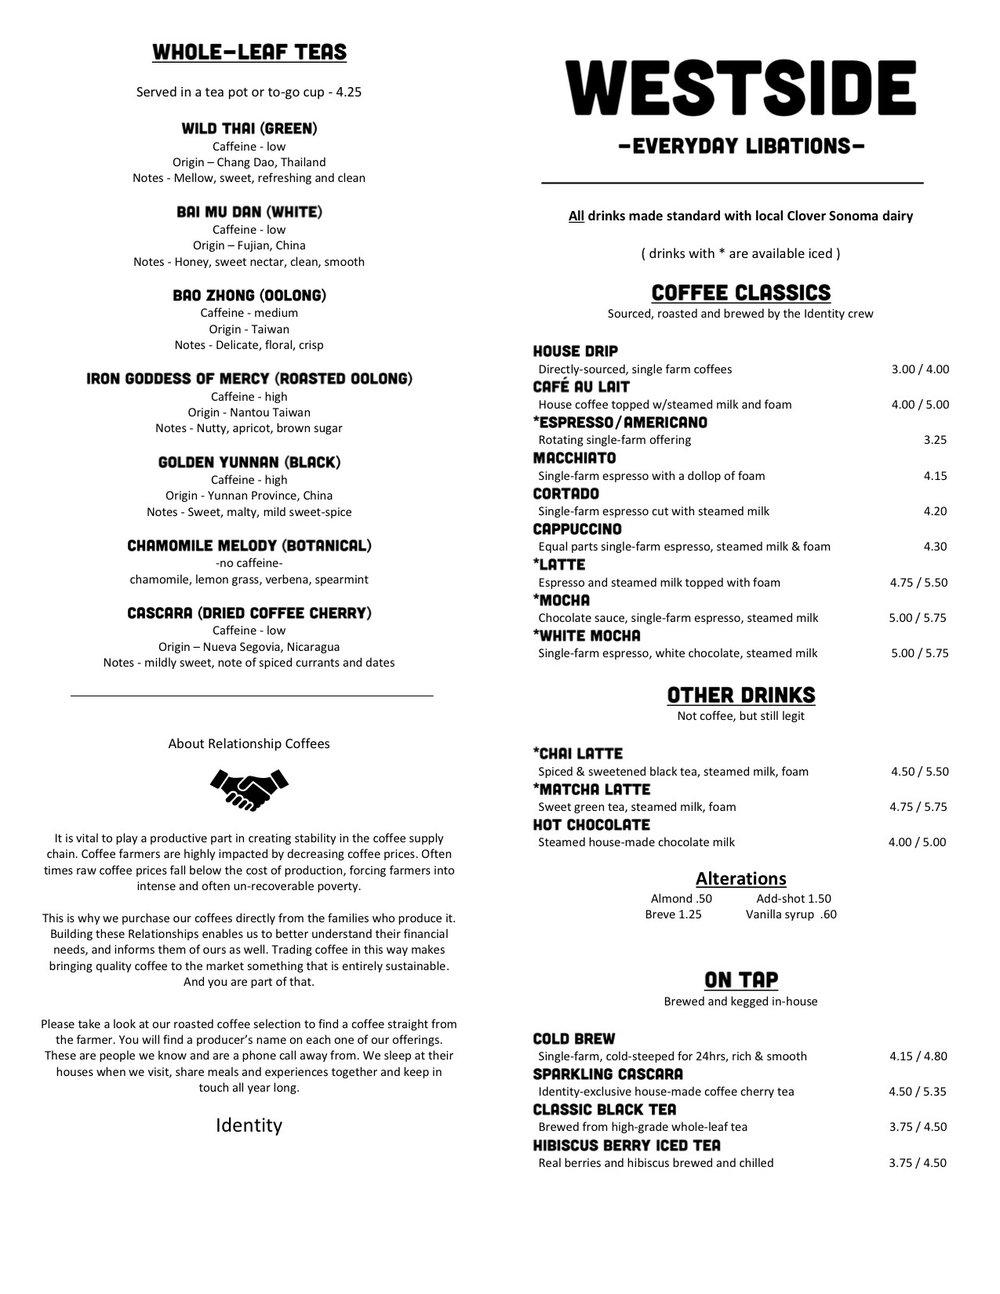 Westside menu p1 - 1.jpg